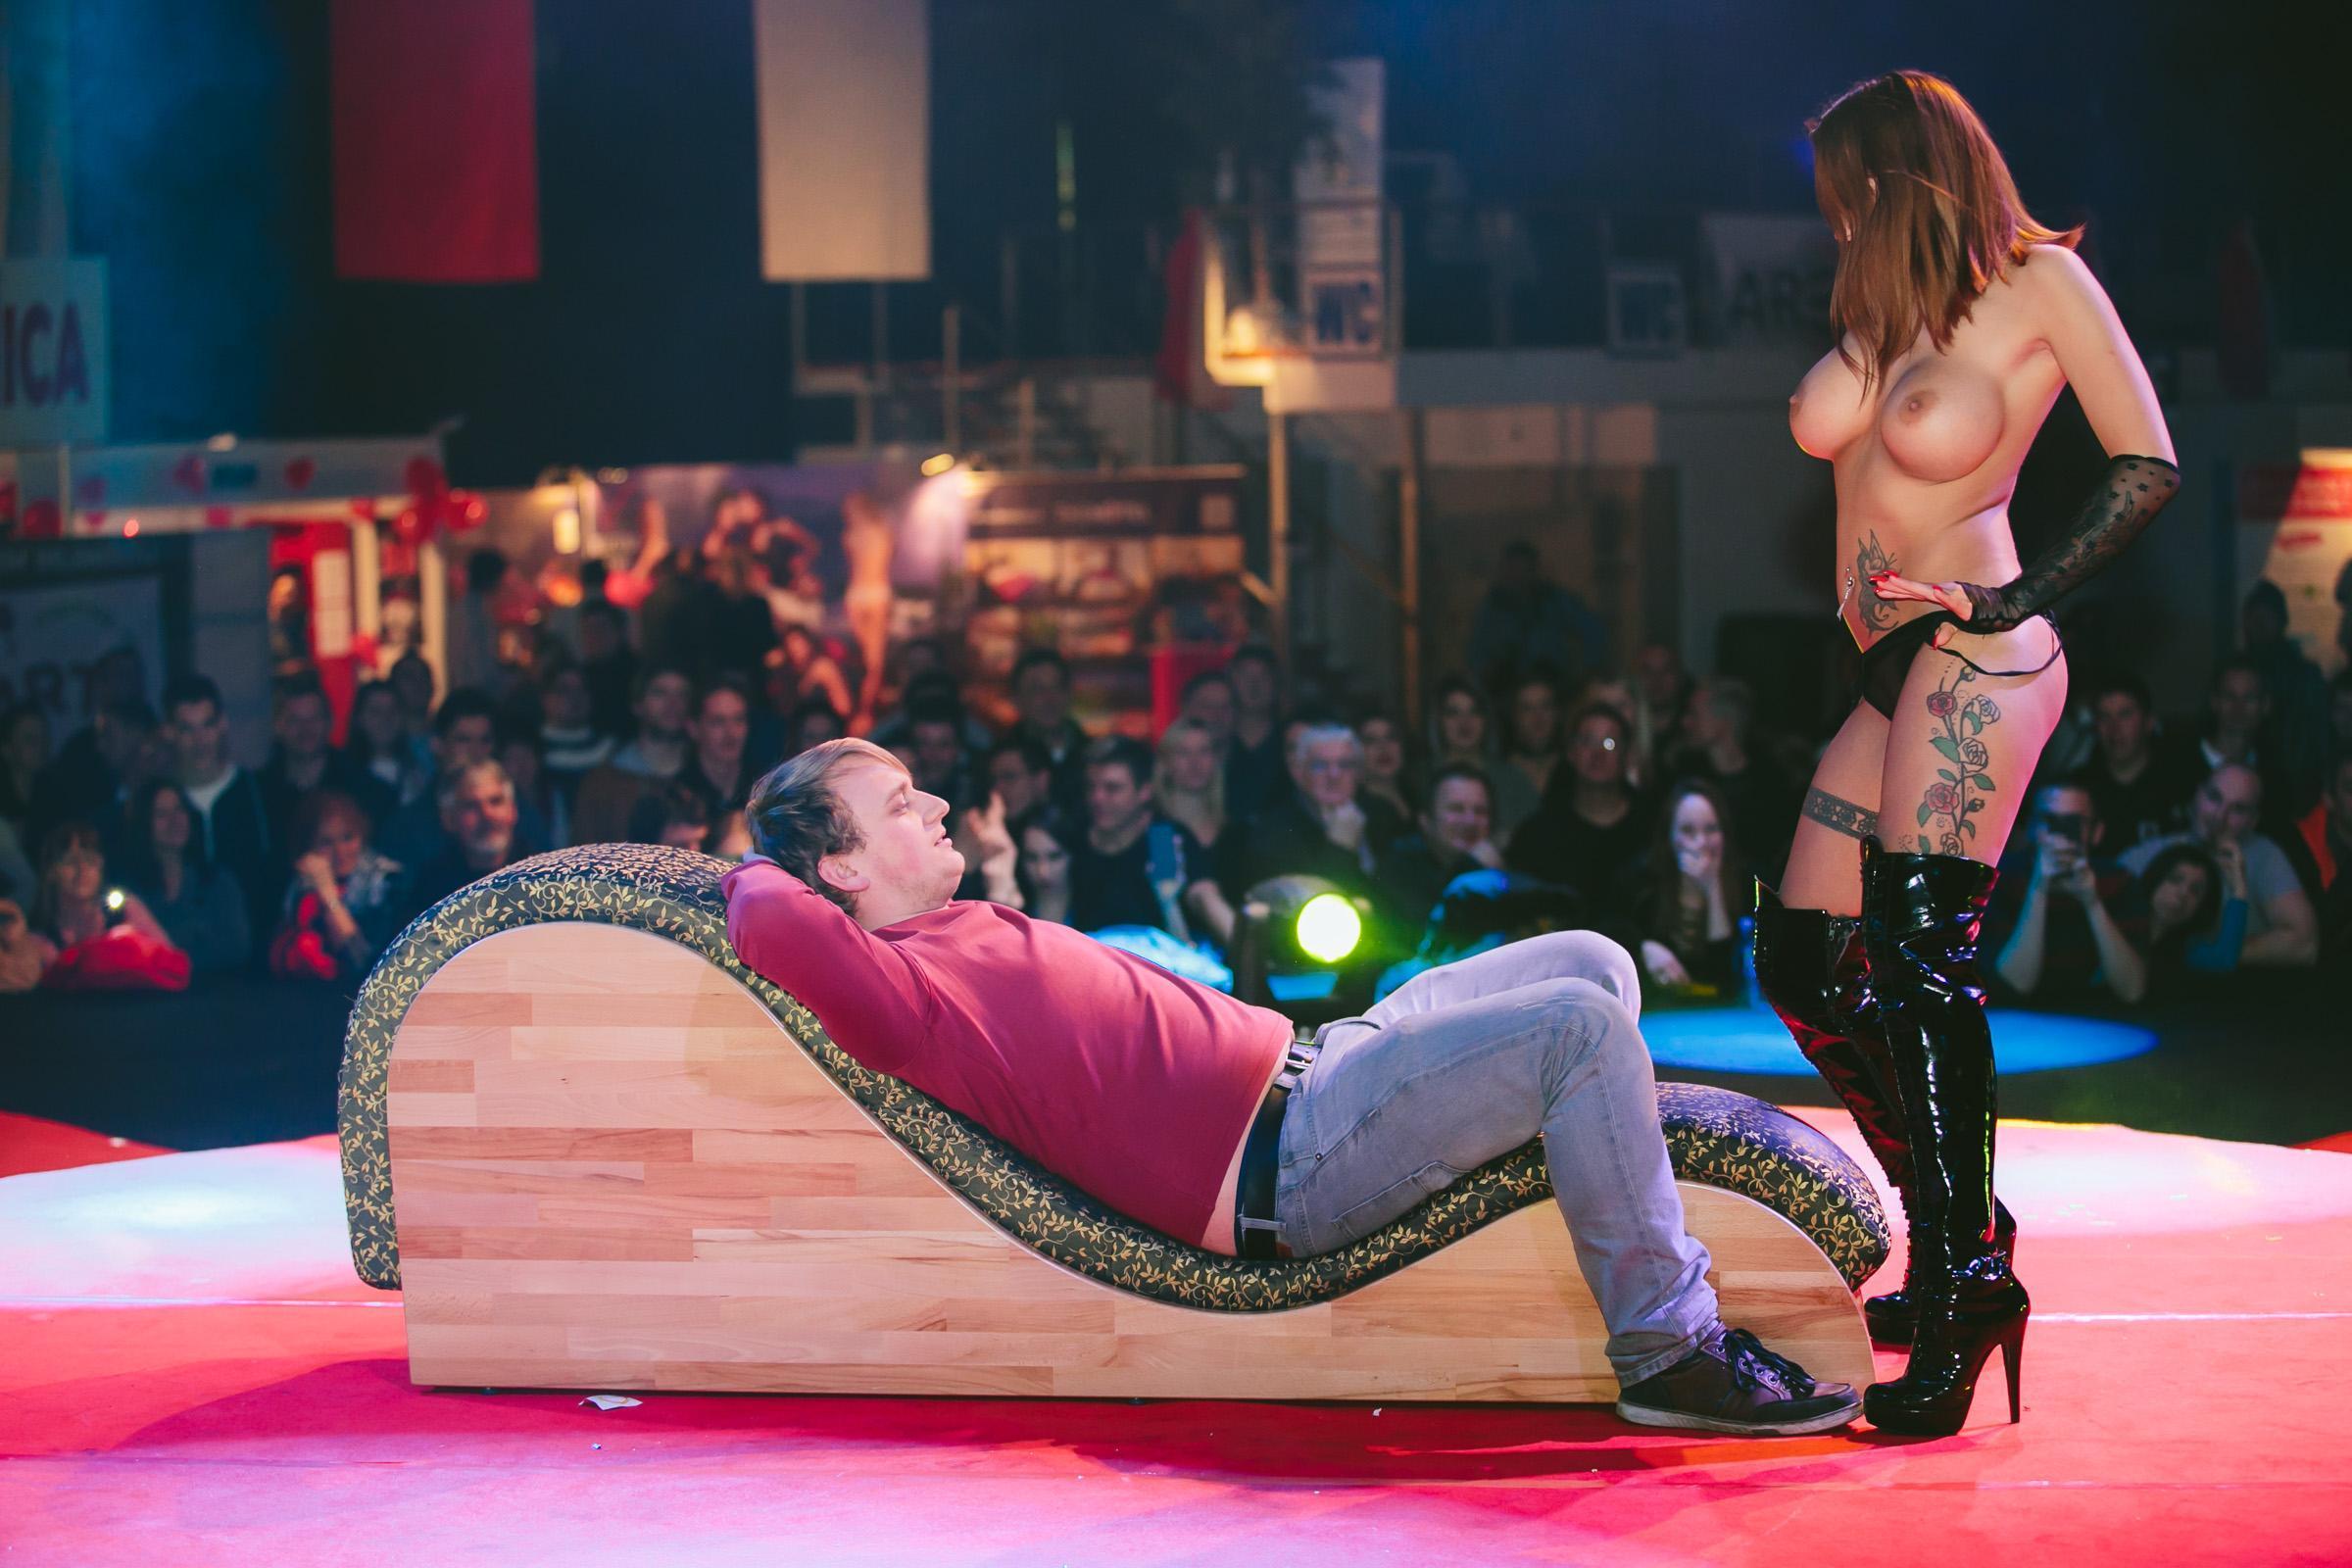 эротическое шоу томаса блачмана на датском тв колени меня